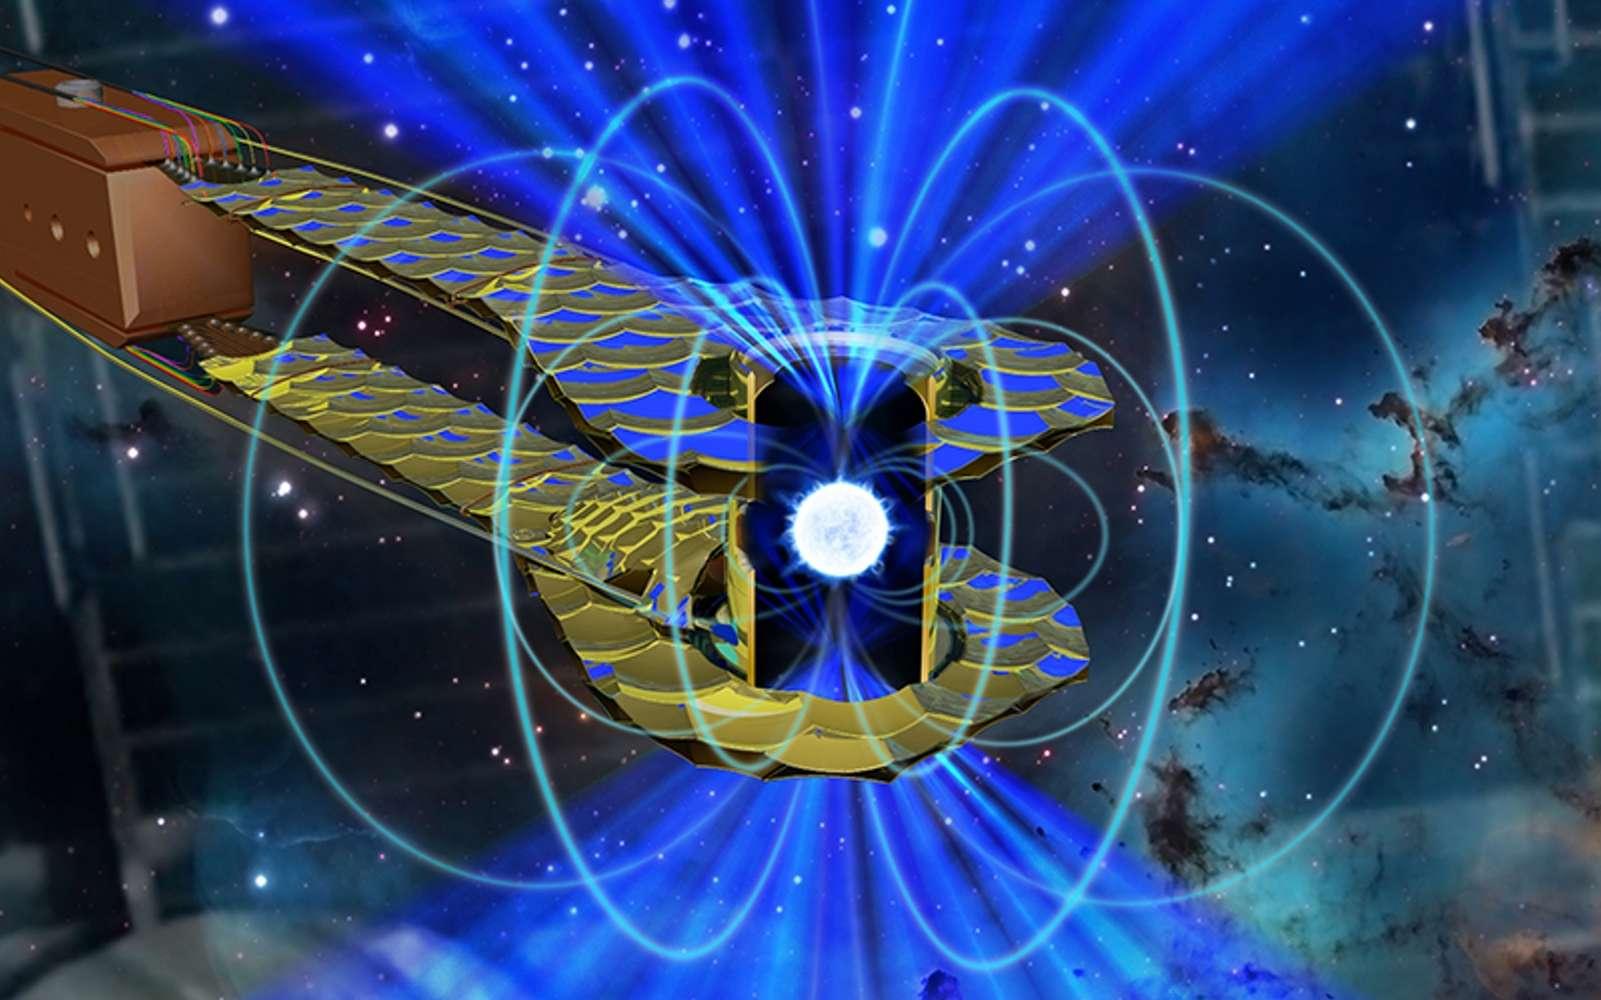 On voit sur cette image d'artiste un hohlraum – un minuscule cylindre d'or tenant lieu de four dans des expériences sur la fusion inertielle à hautes pressions avec des lasers, ici utilisé pour reproduire l'état de la matière dans une naine blanche en comprimant avec du rayonnement X une microsphère. © Mark Meamber et Clayton Dahlen, Lawrence Livermore National Laboratory